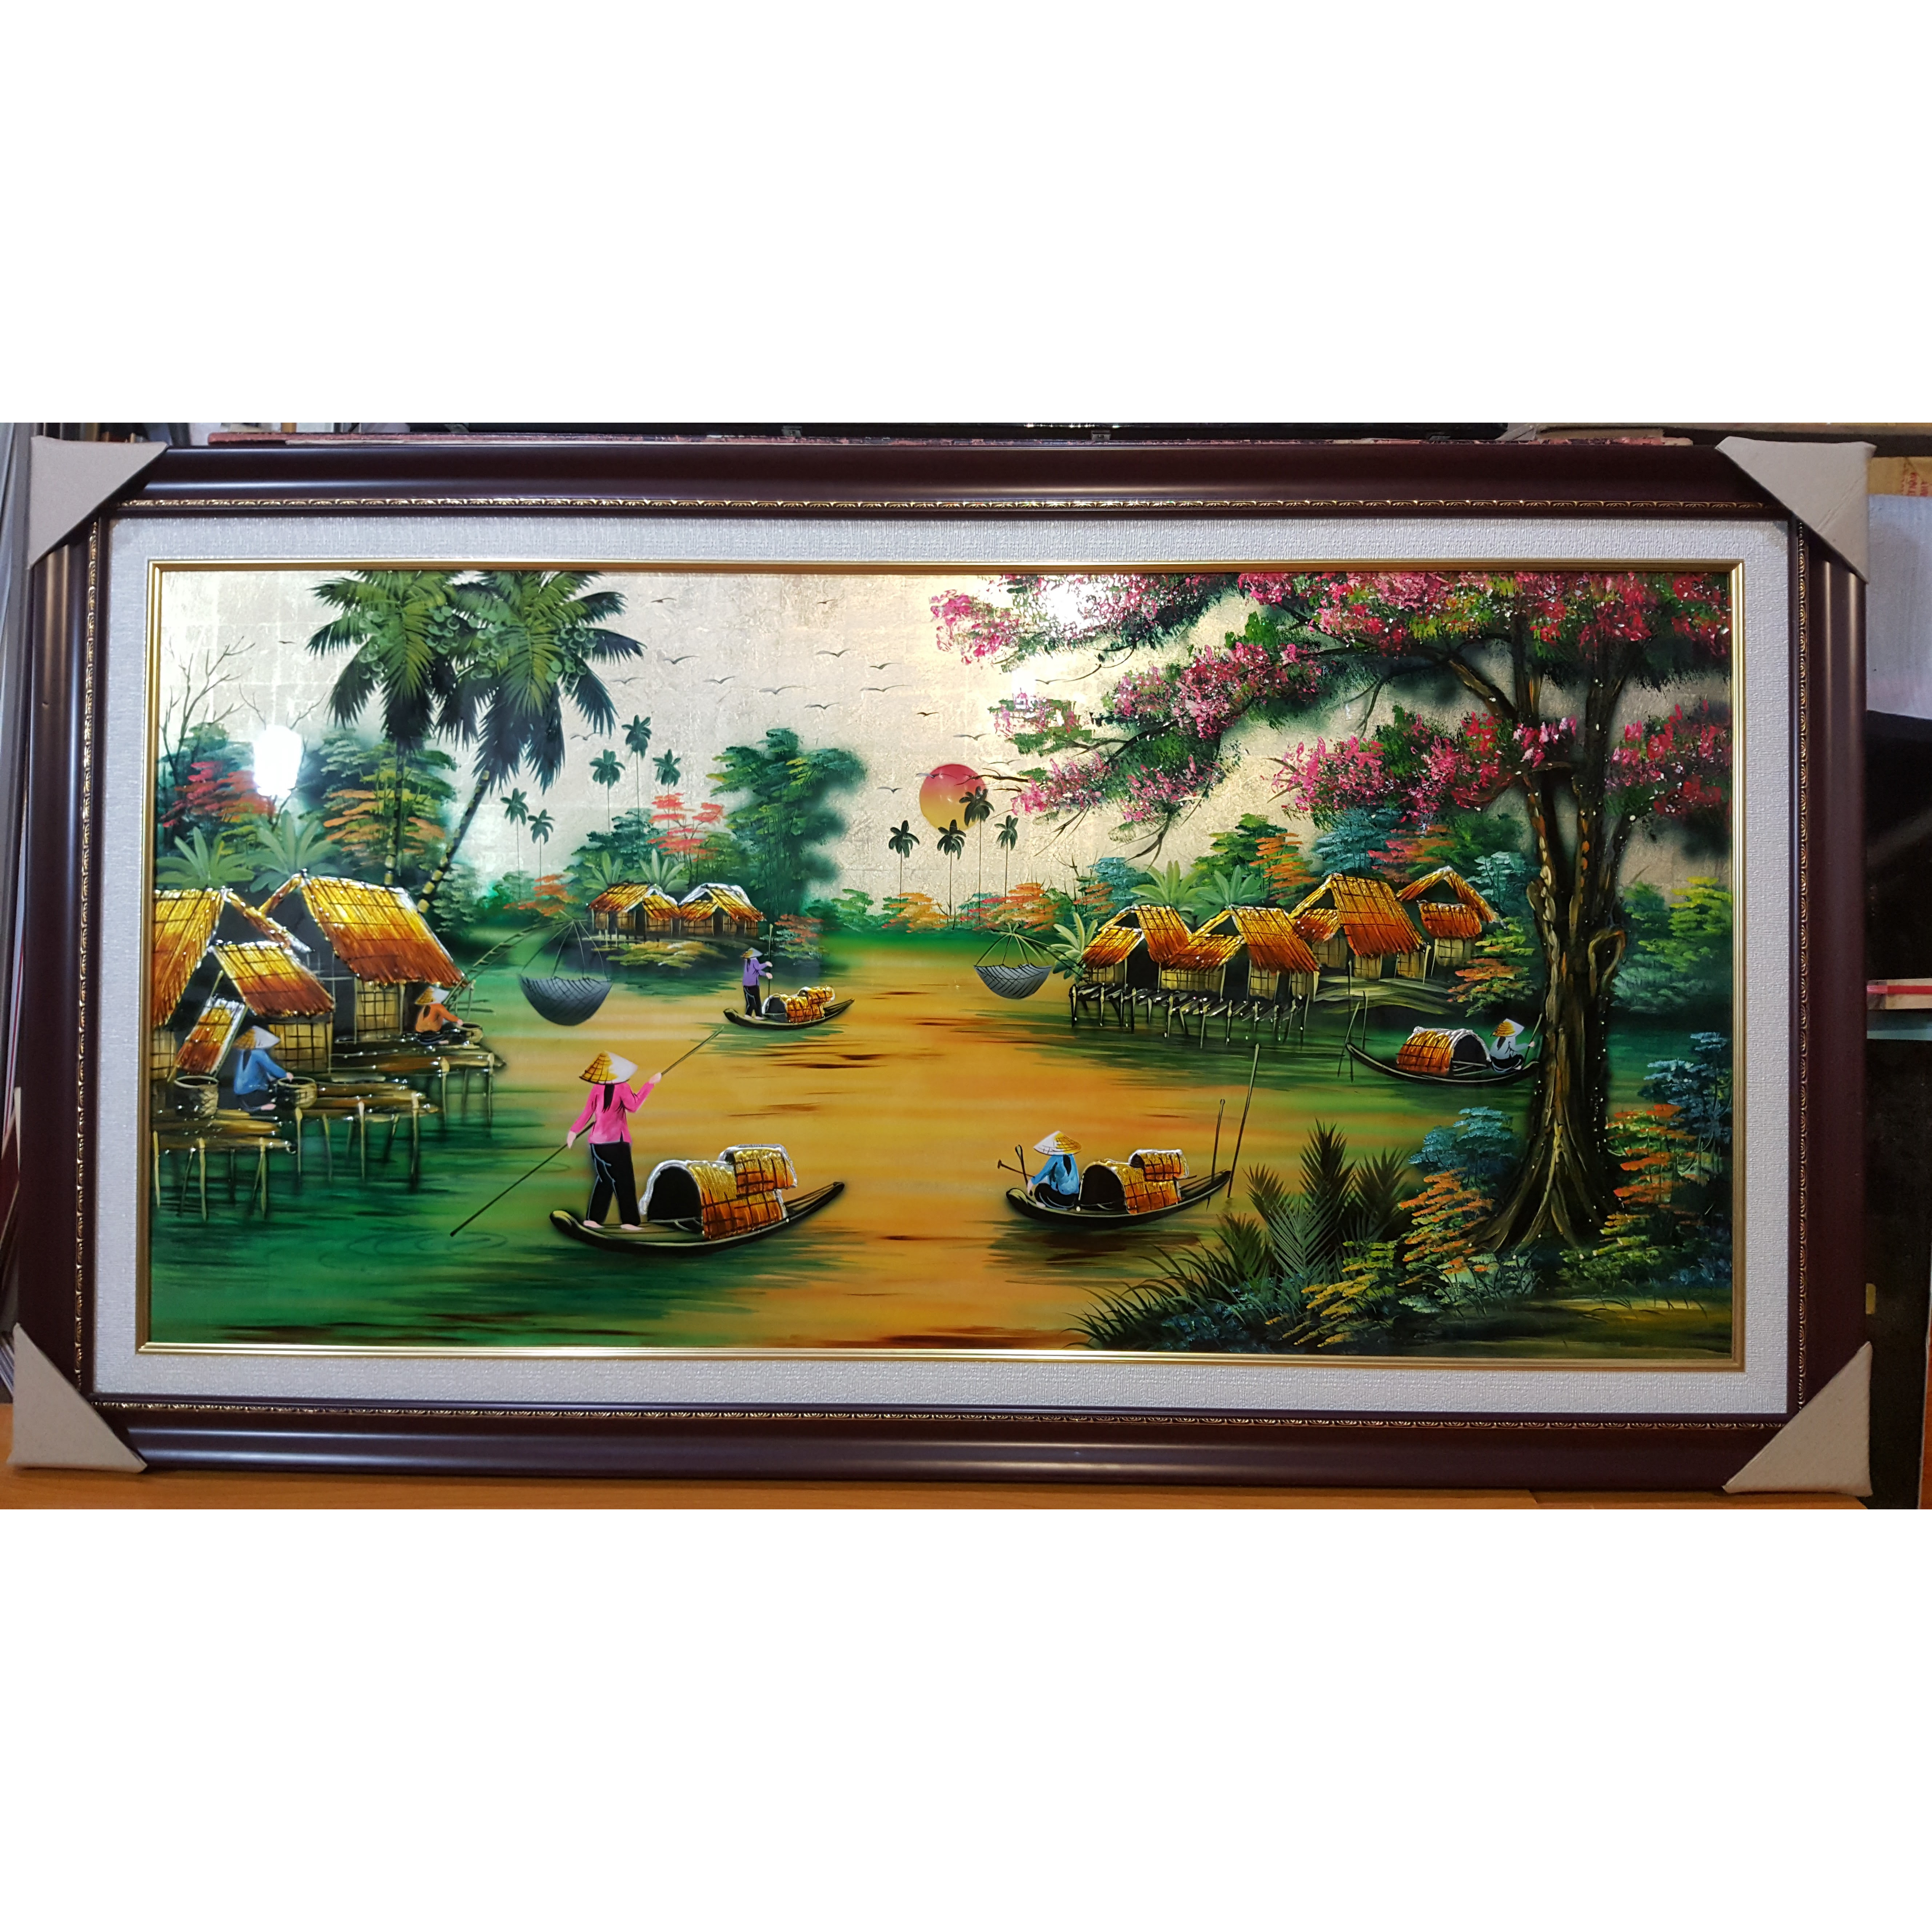 Tranh vẽ sơn mài -Phong Cảnh Miền Quê Sông Nước-SM263